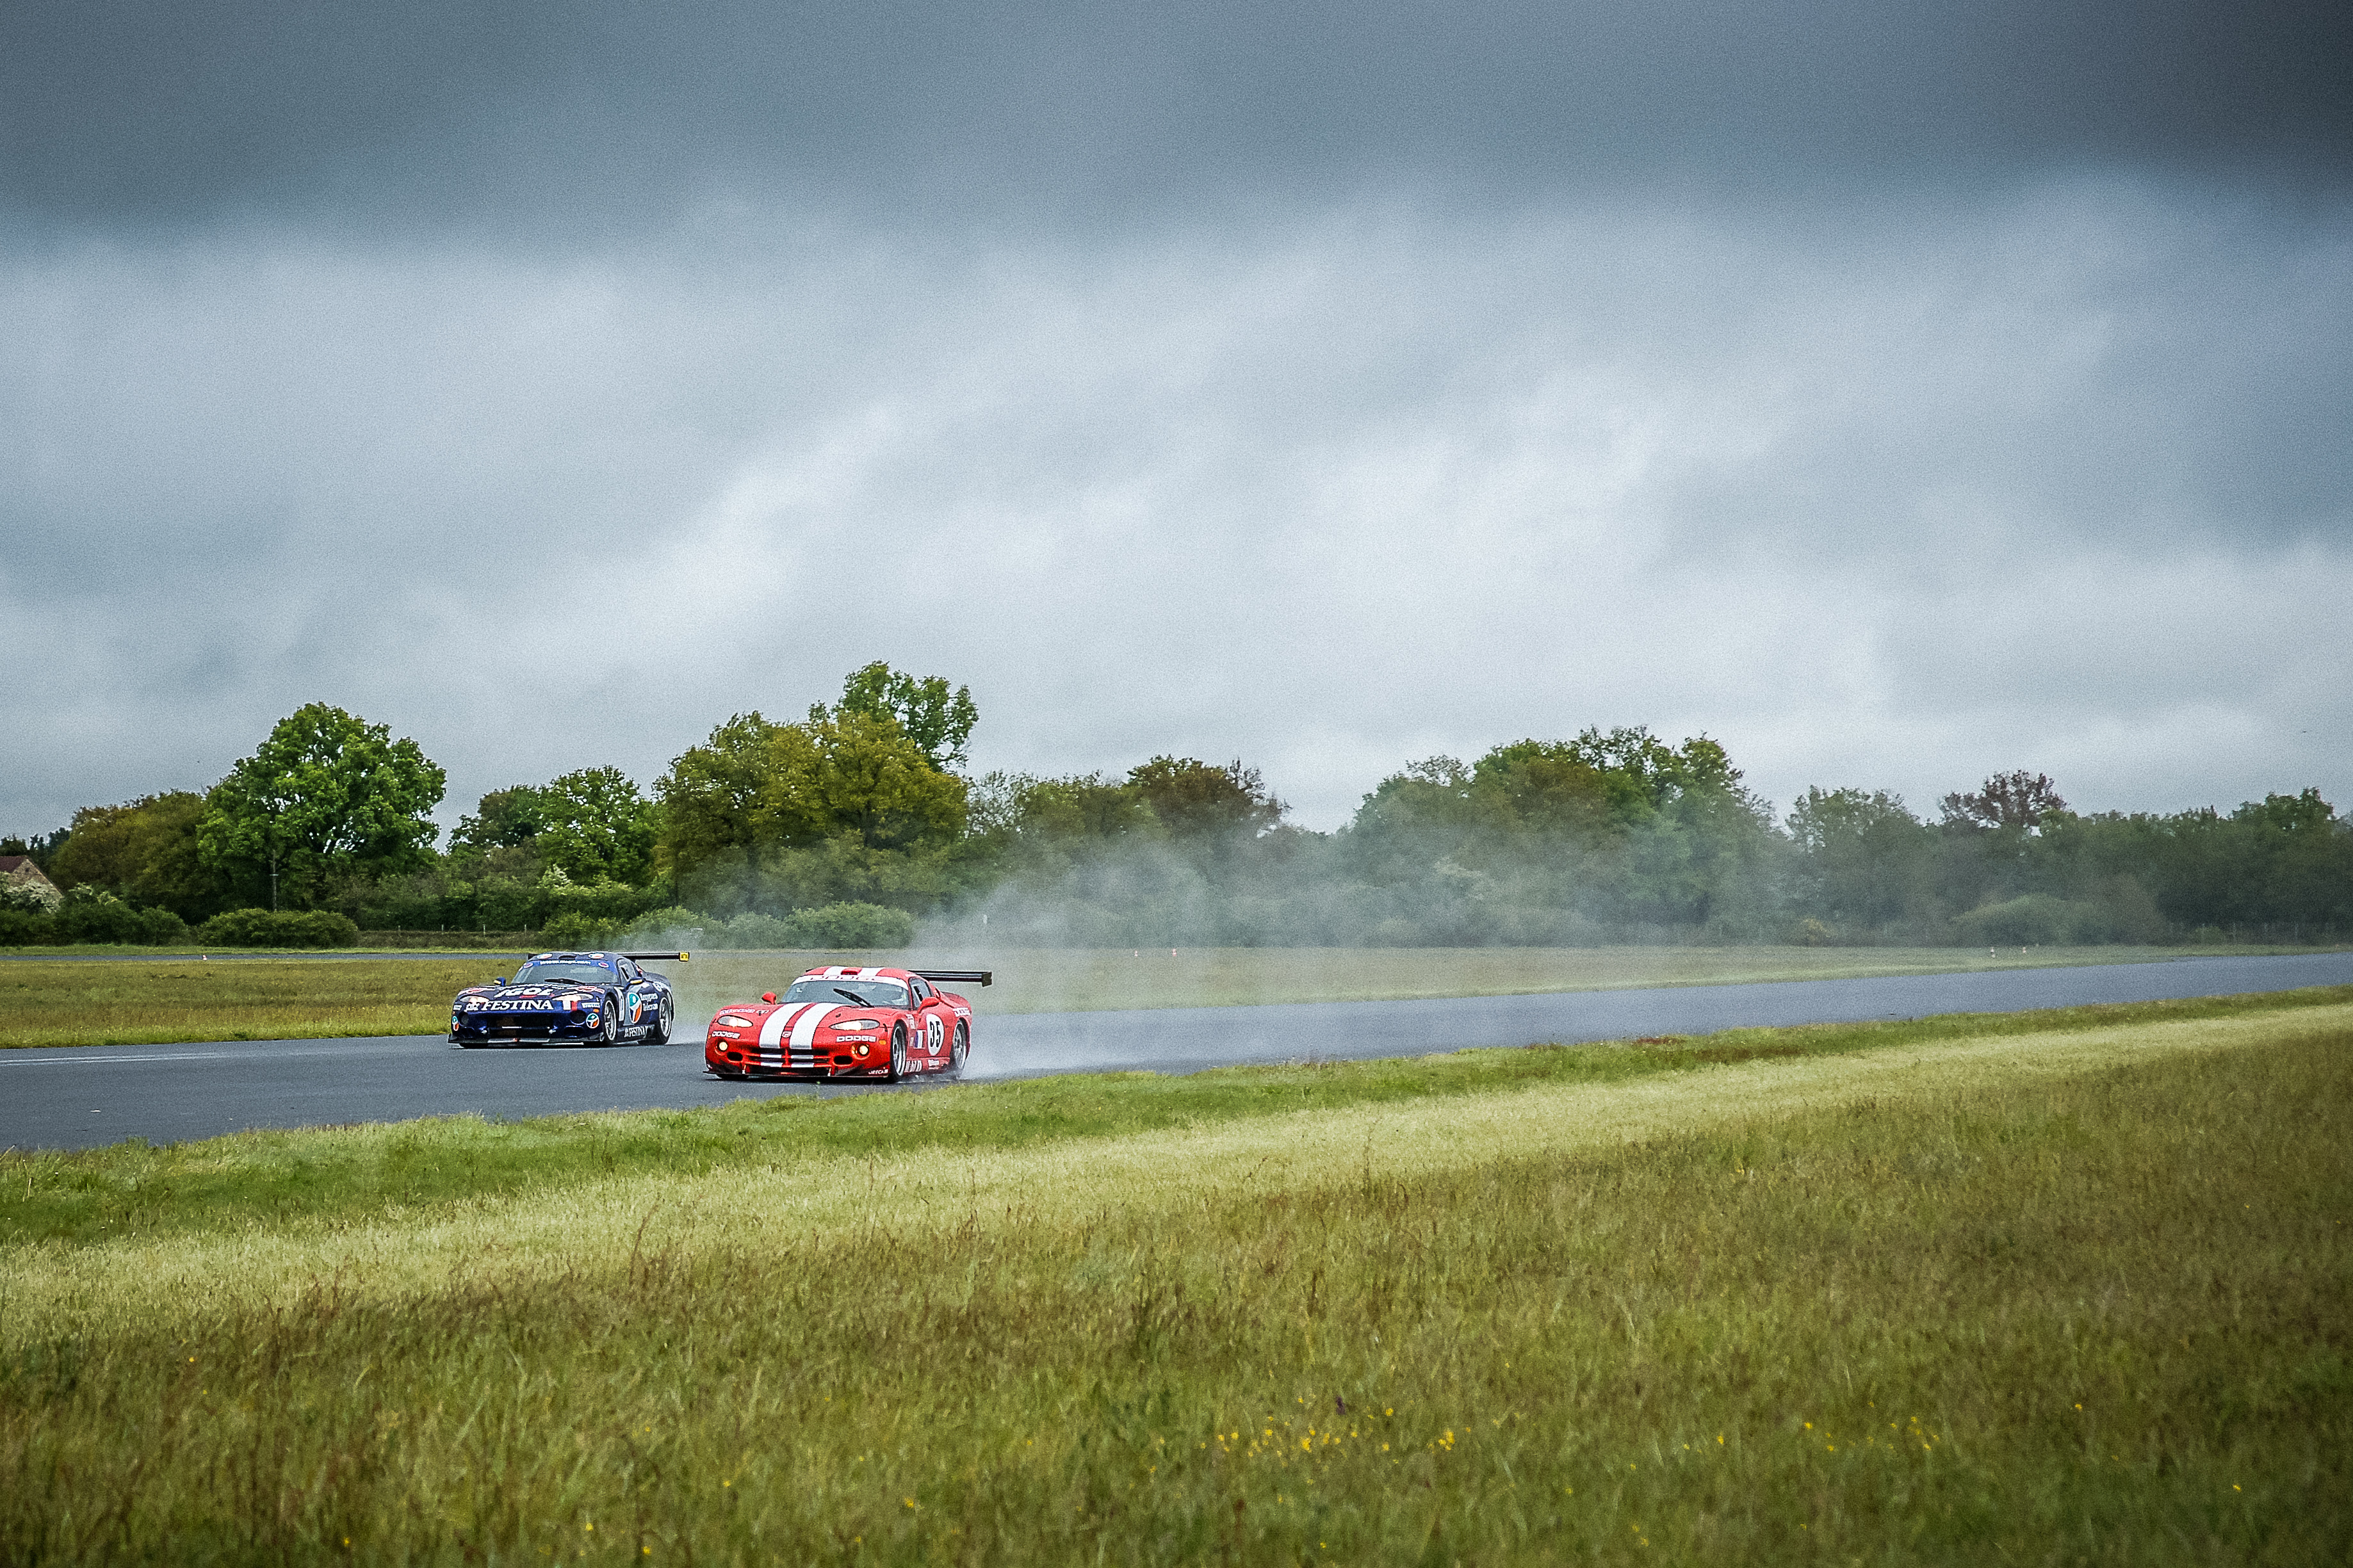 Viper auf dem Race Track